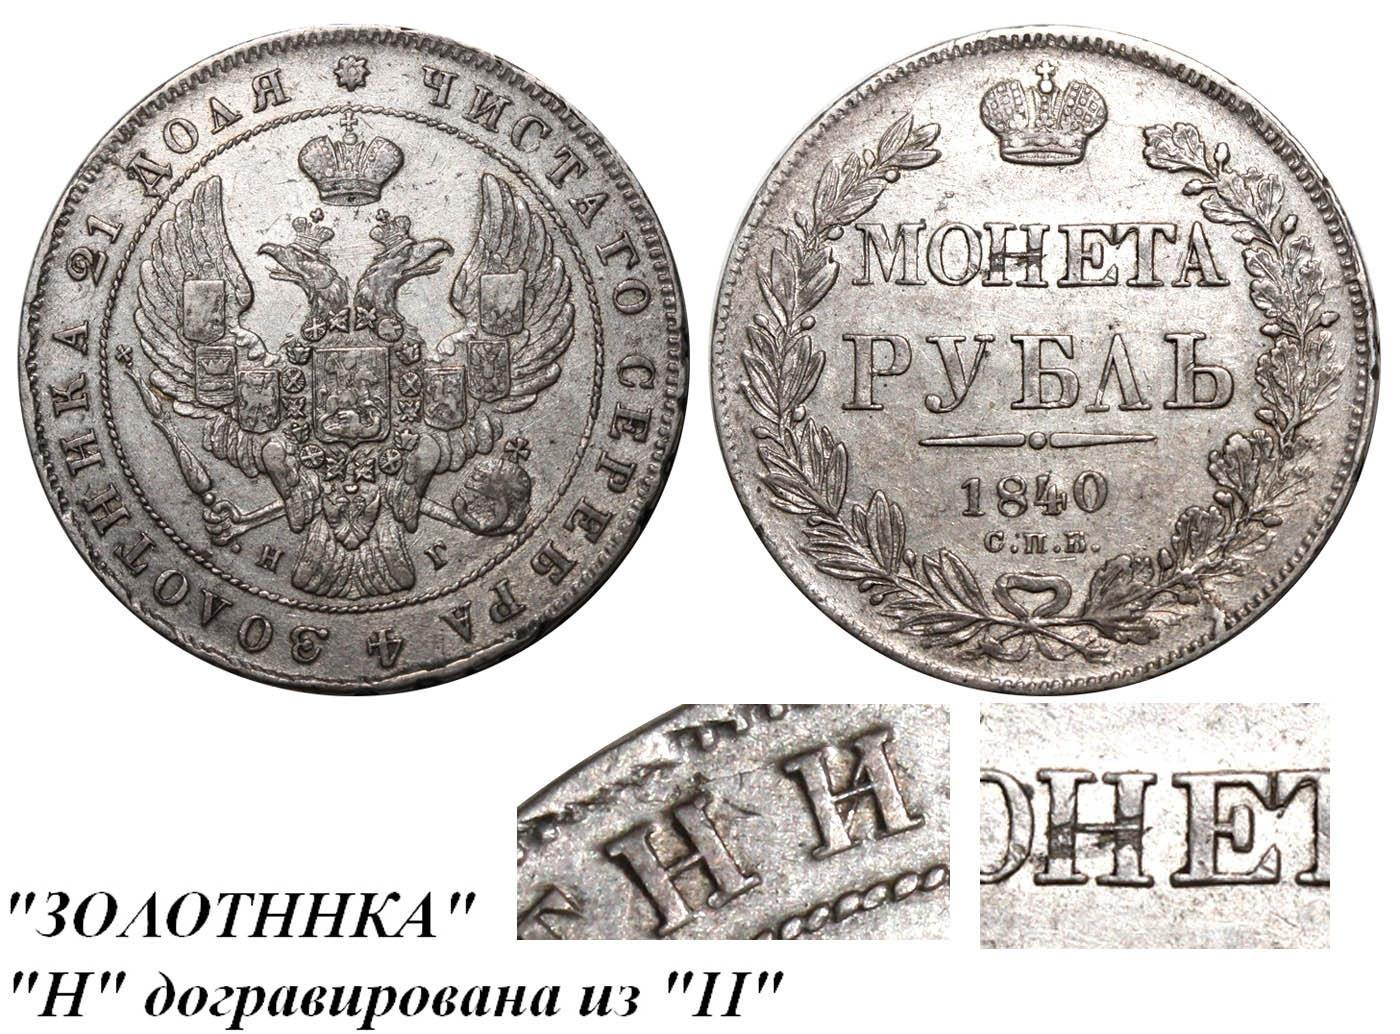 Рубль 1840 СПБ-НГ IV-Г ЗОЛОТННКА.jpg